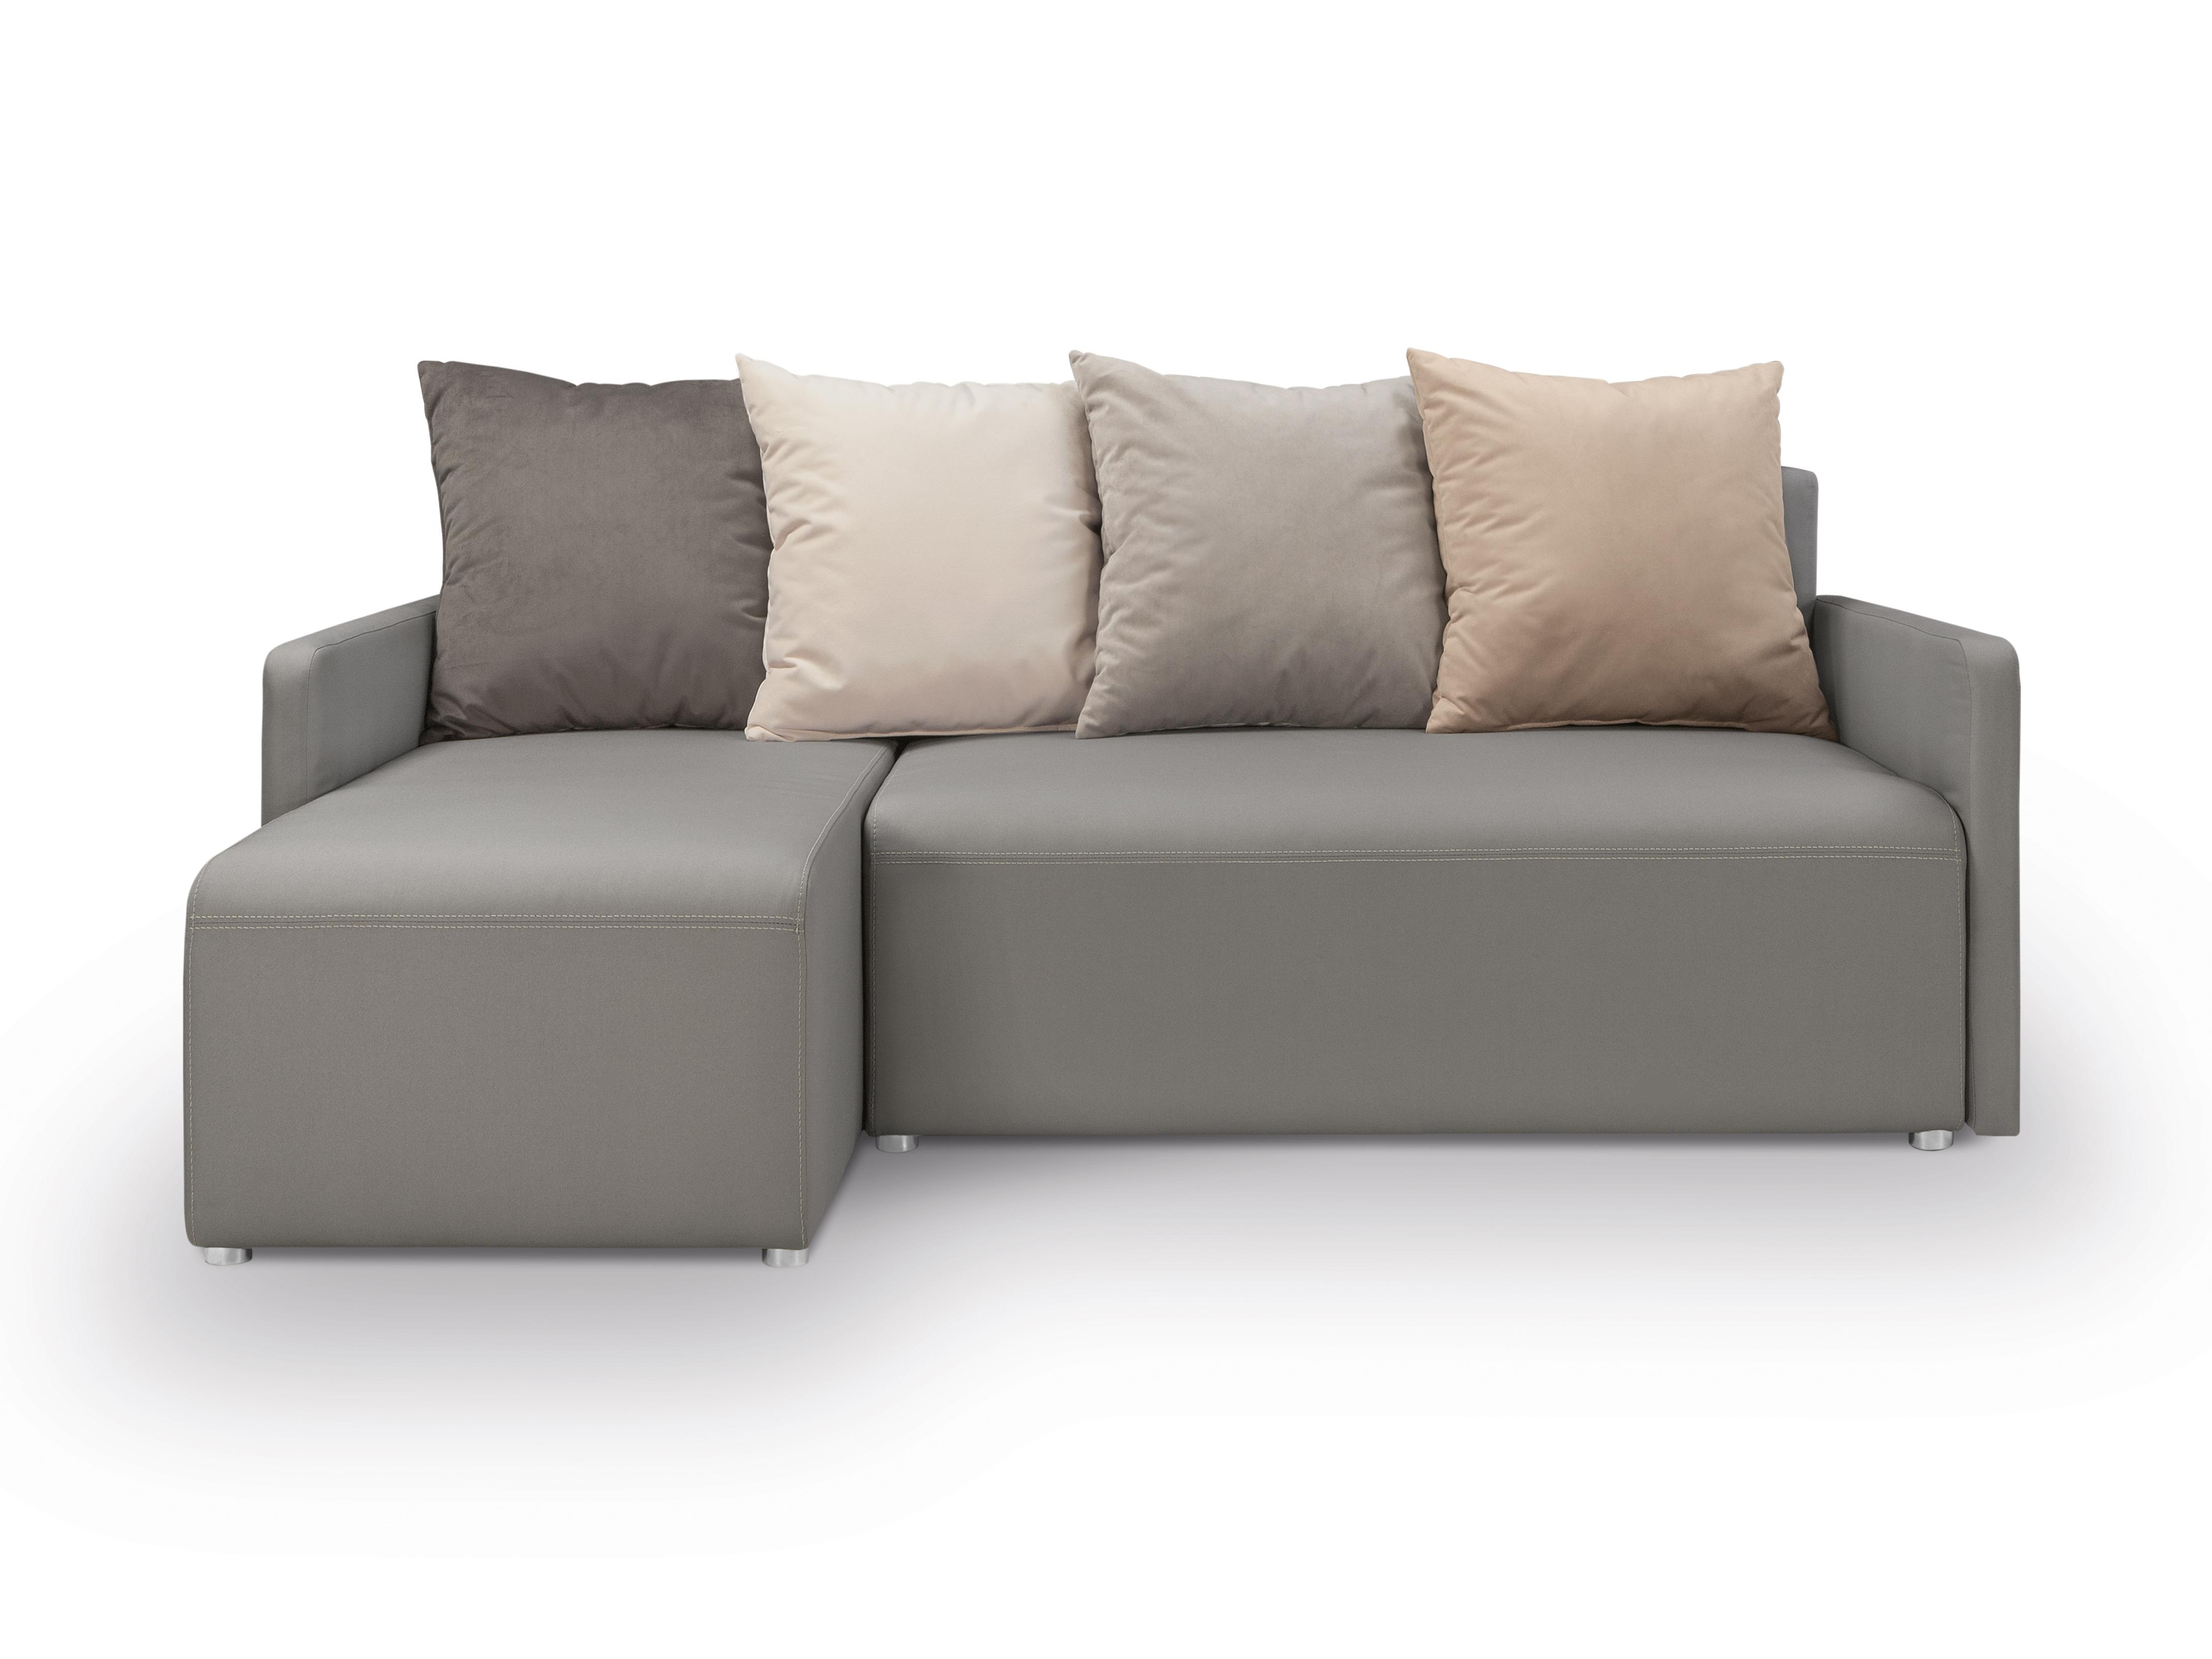 Rohová sedací souprava - BRW - Dany Lux 3DL.URC (šedá) (L)